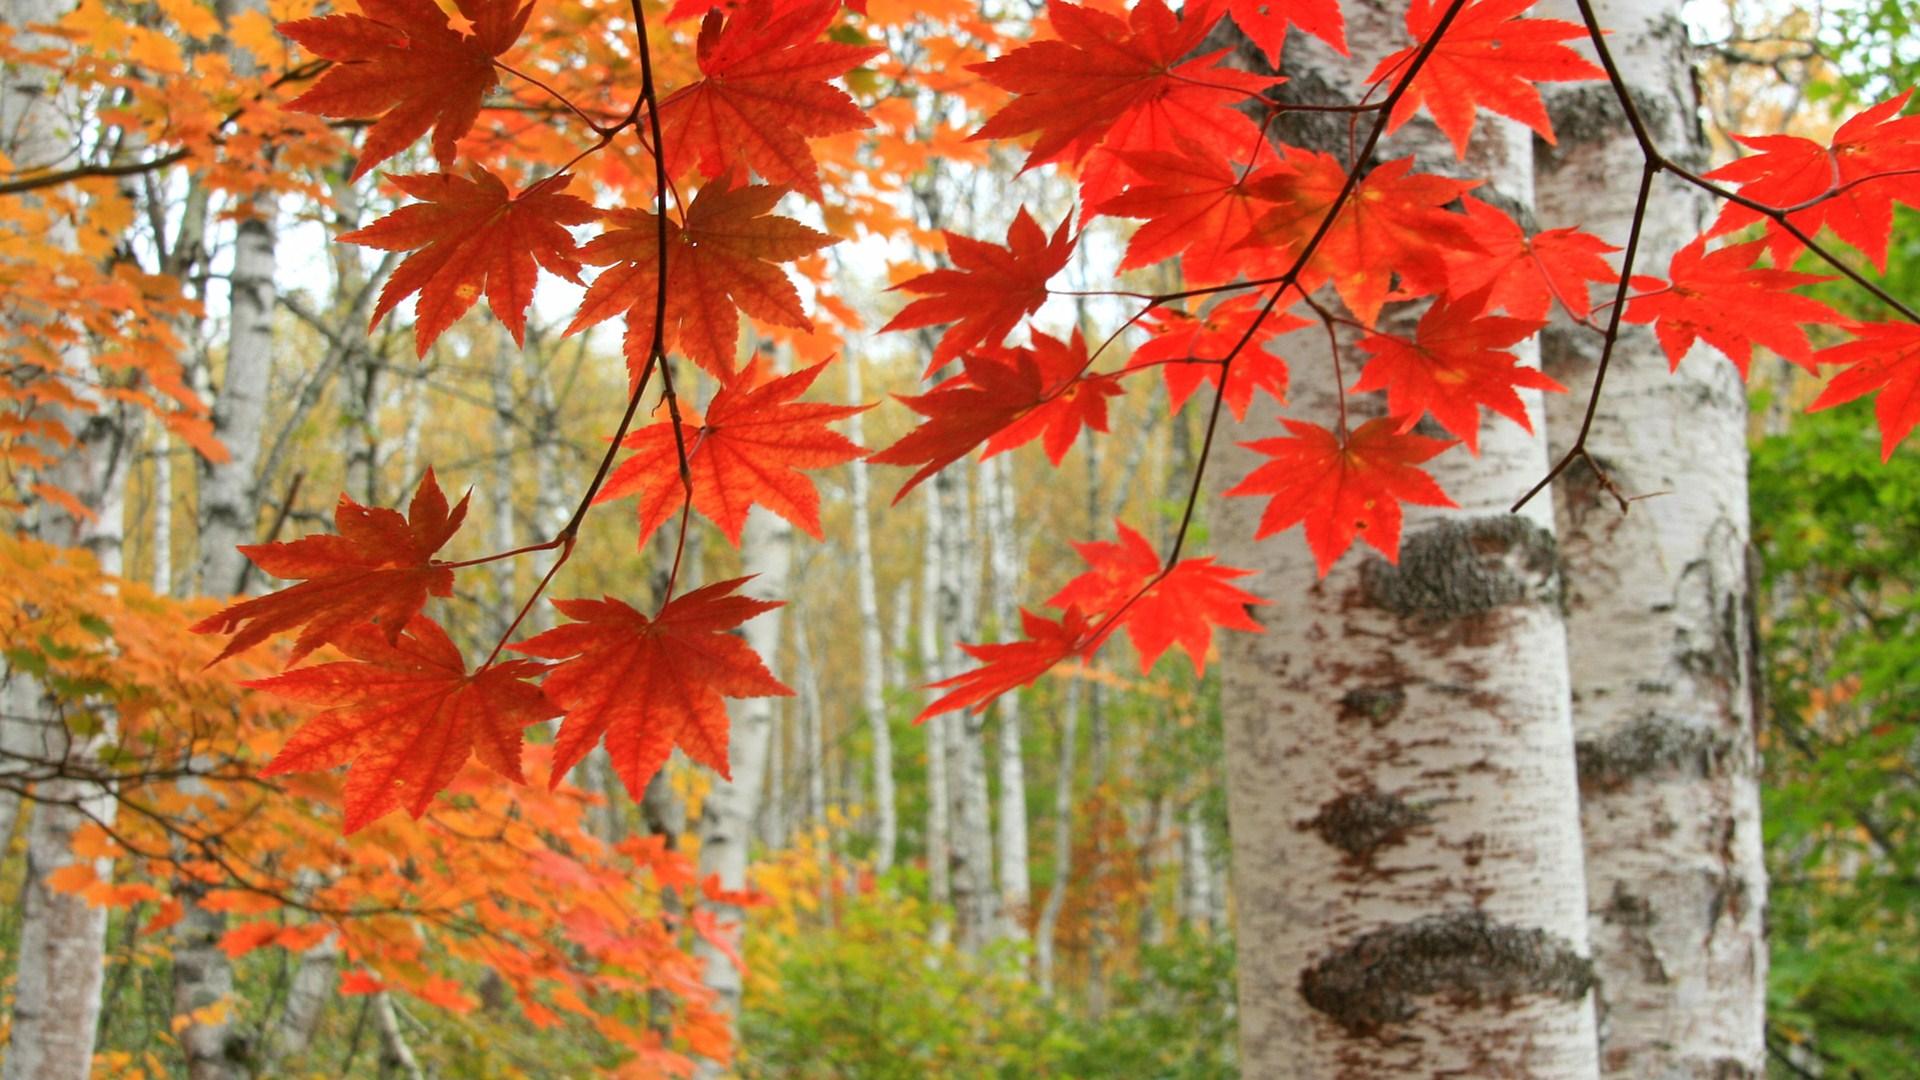 白樺林の紅葉 八千穂高原 のワイド壁紙 カレンダー壁紙館 昴 無料ワイド